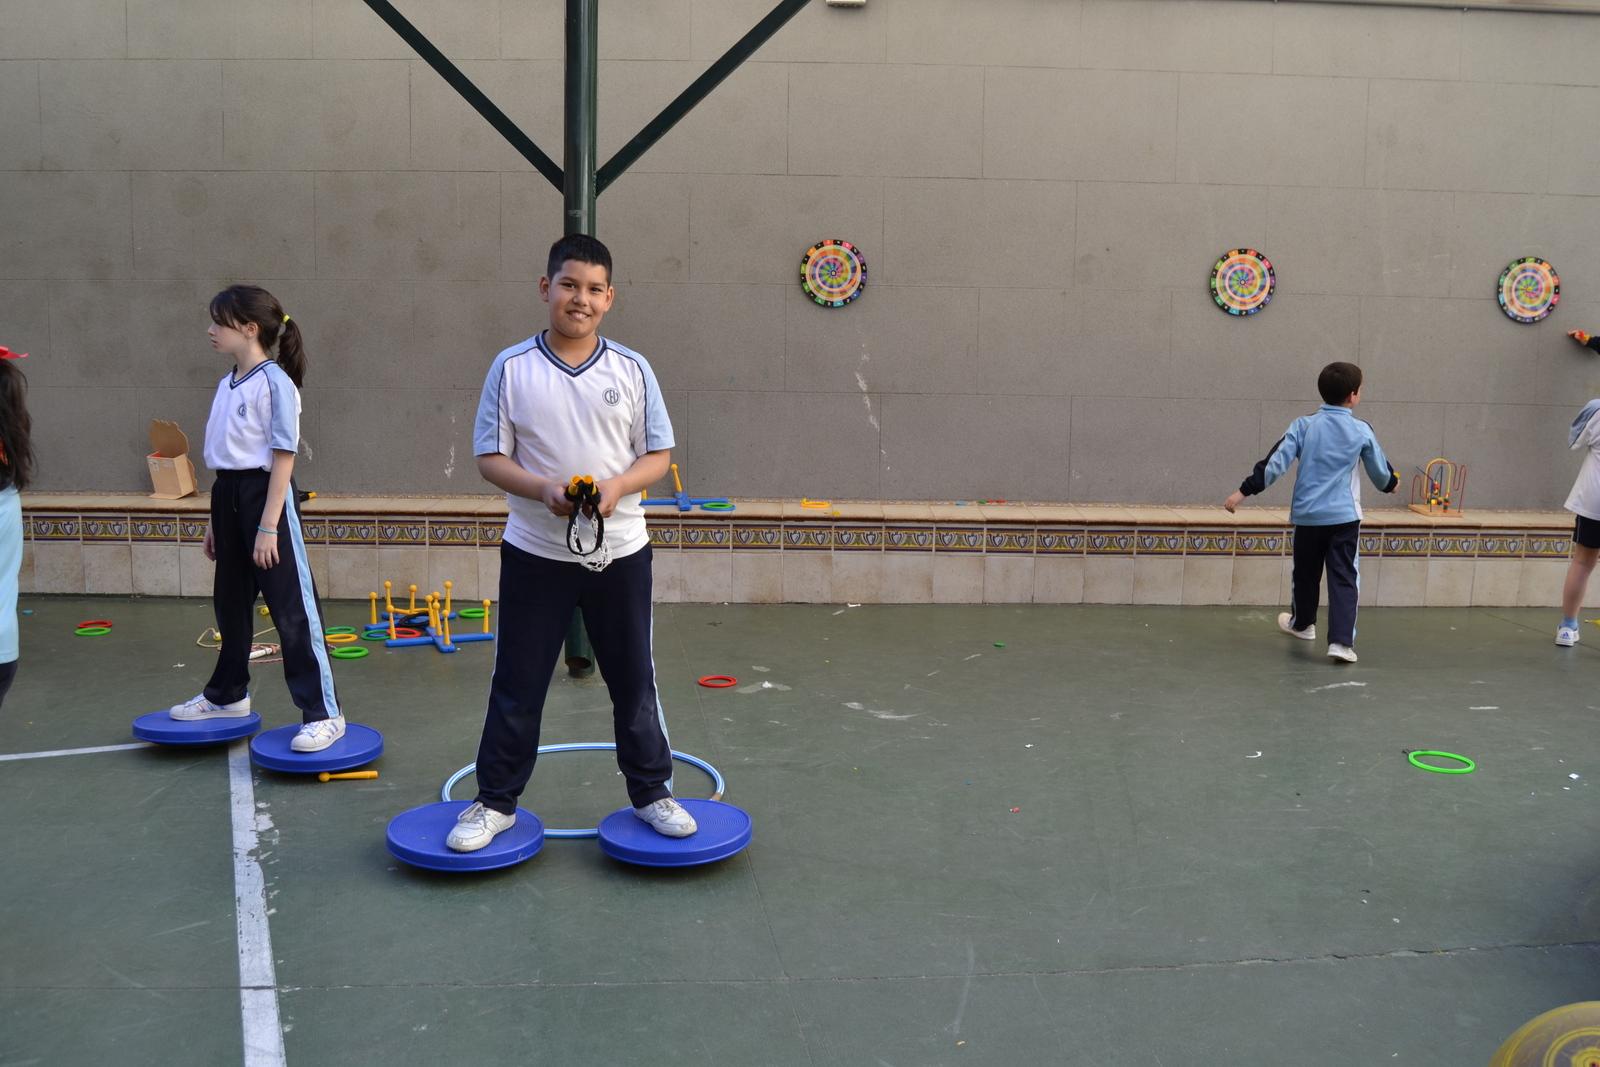 JORNADAS CULTURALES 2019: Juegos 3º y 4º Edu. Primaria 4